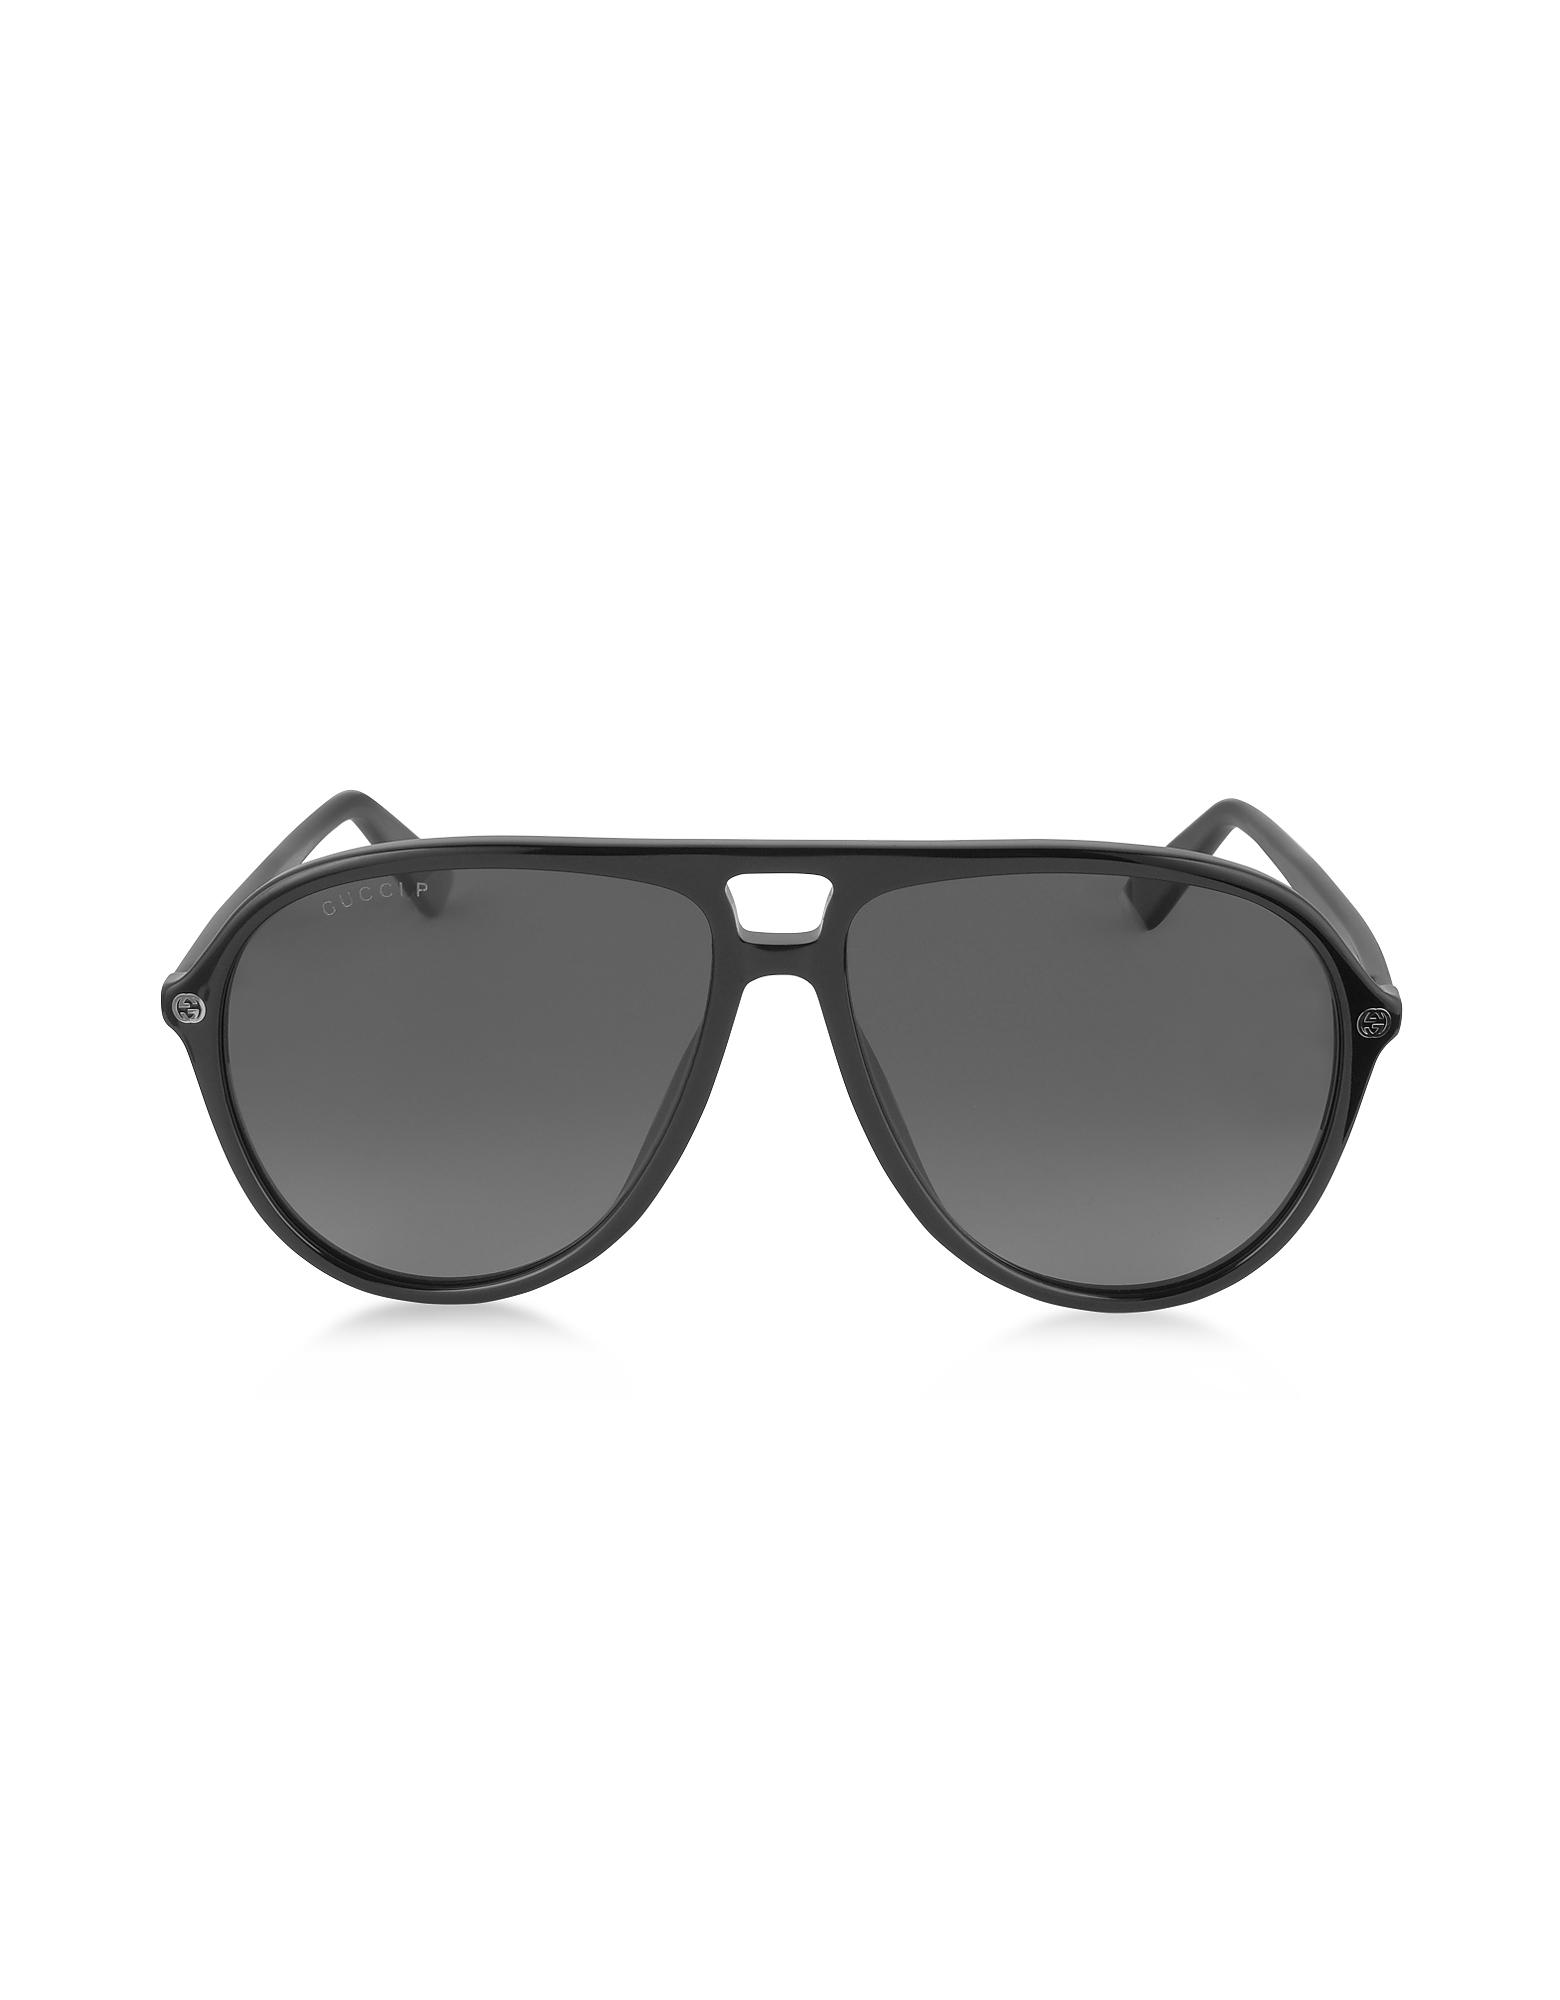 Gucci Sunglasses, GG0119S 006 Black Acetate Aviator Men's Polarized Sunglasses